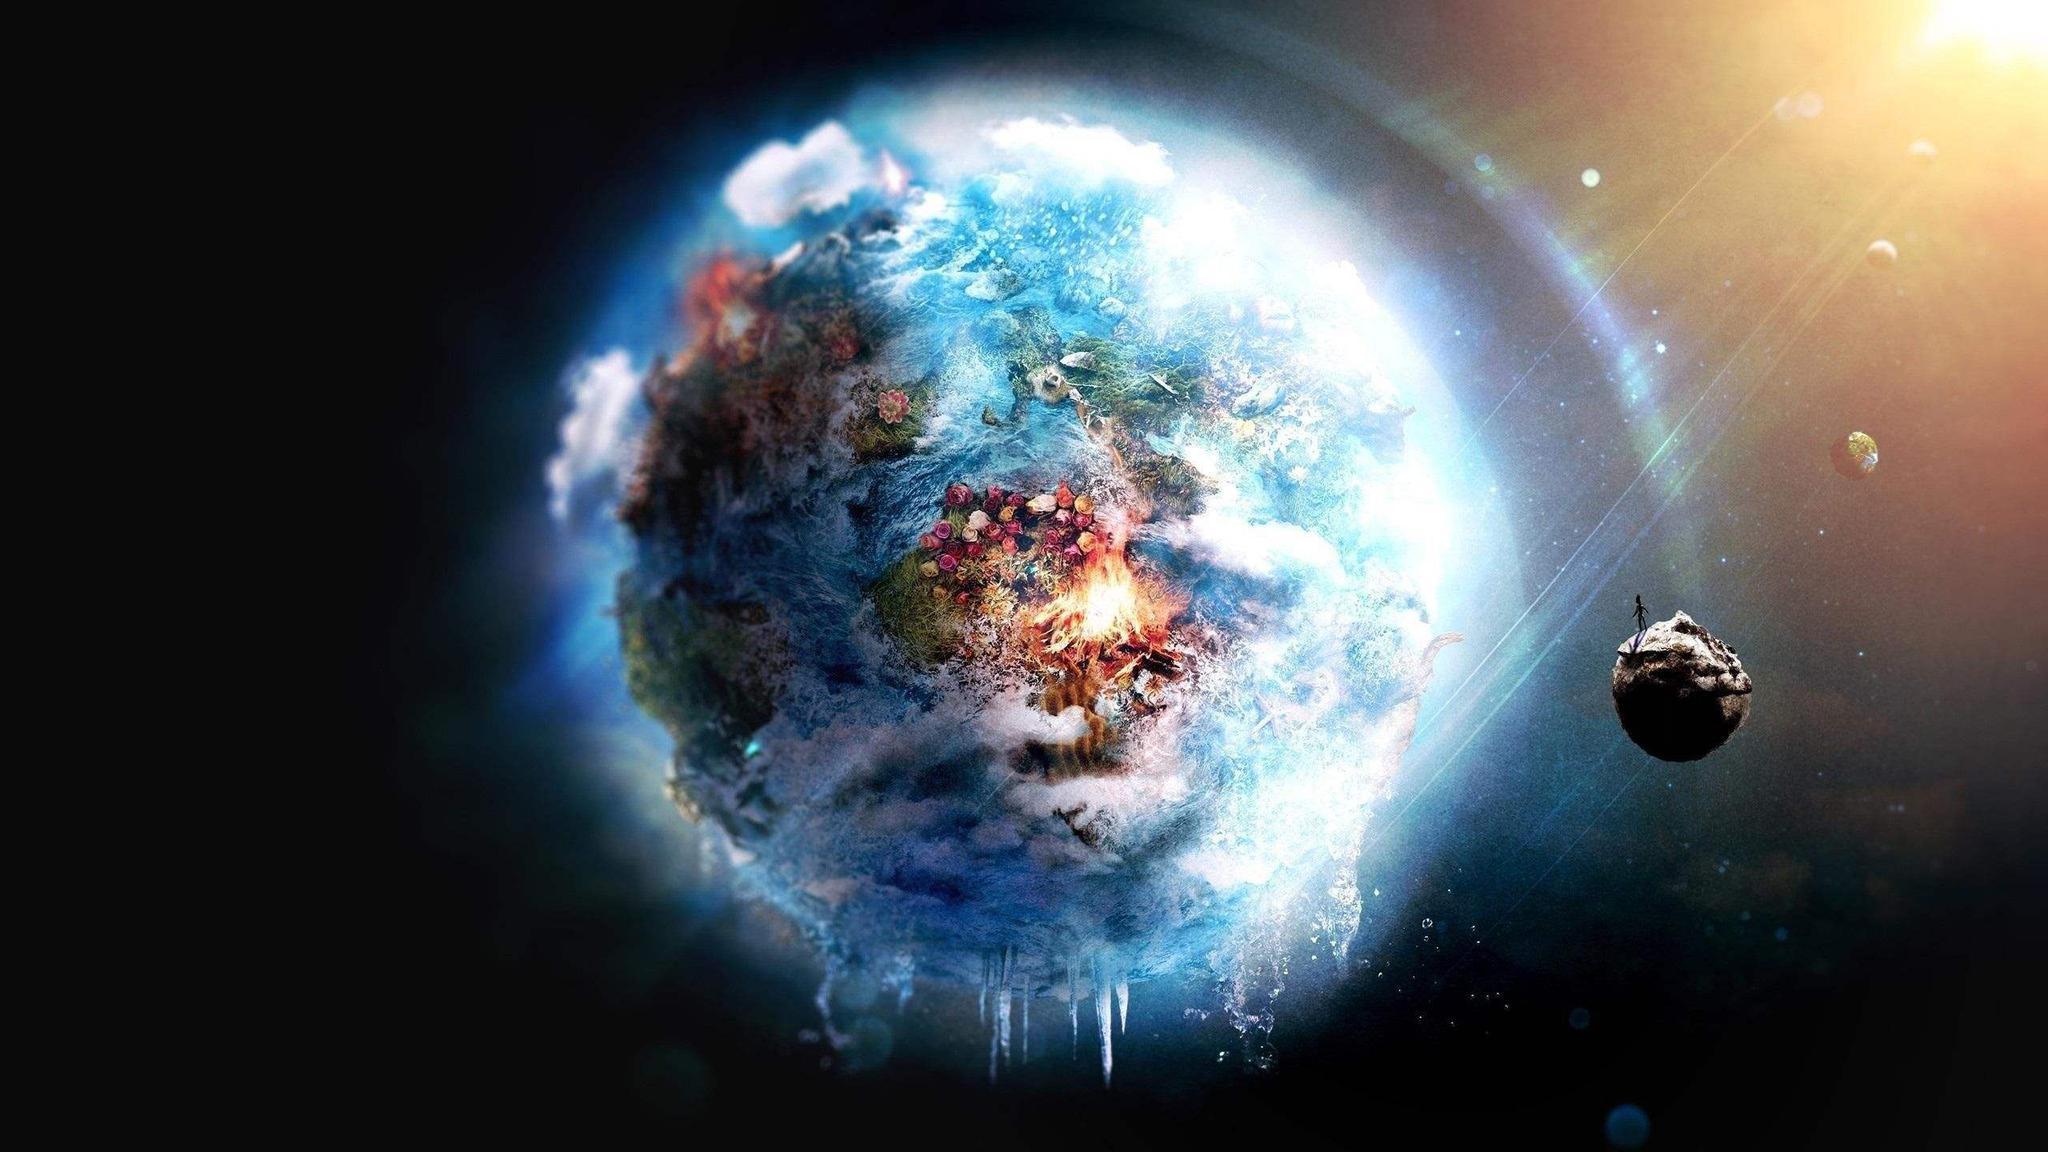 宇宙飞船返回地球一定要那么快,主要看是什么样的宇宙飞船